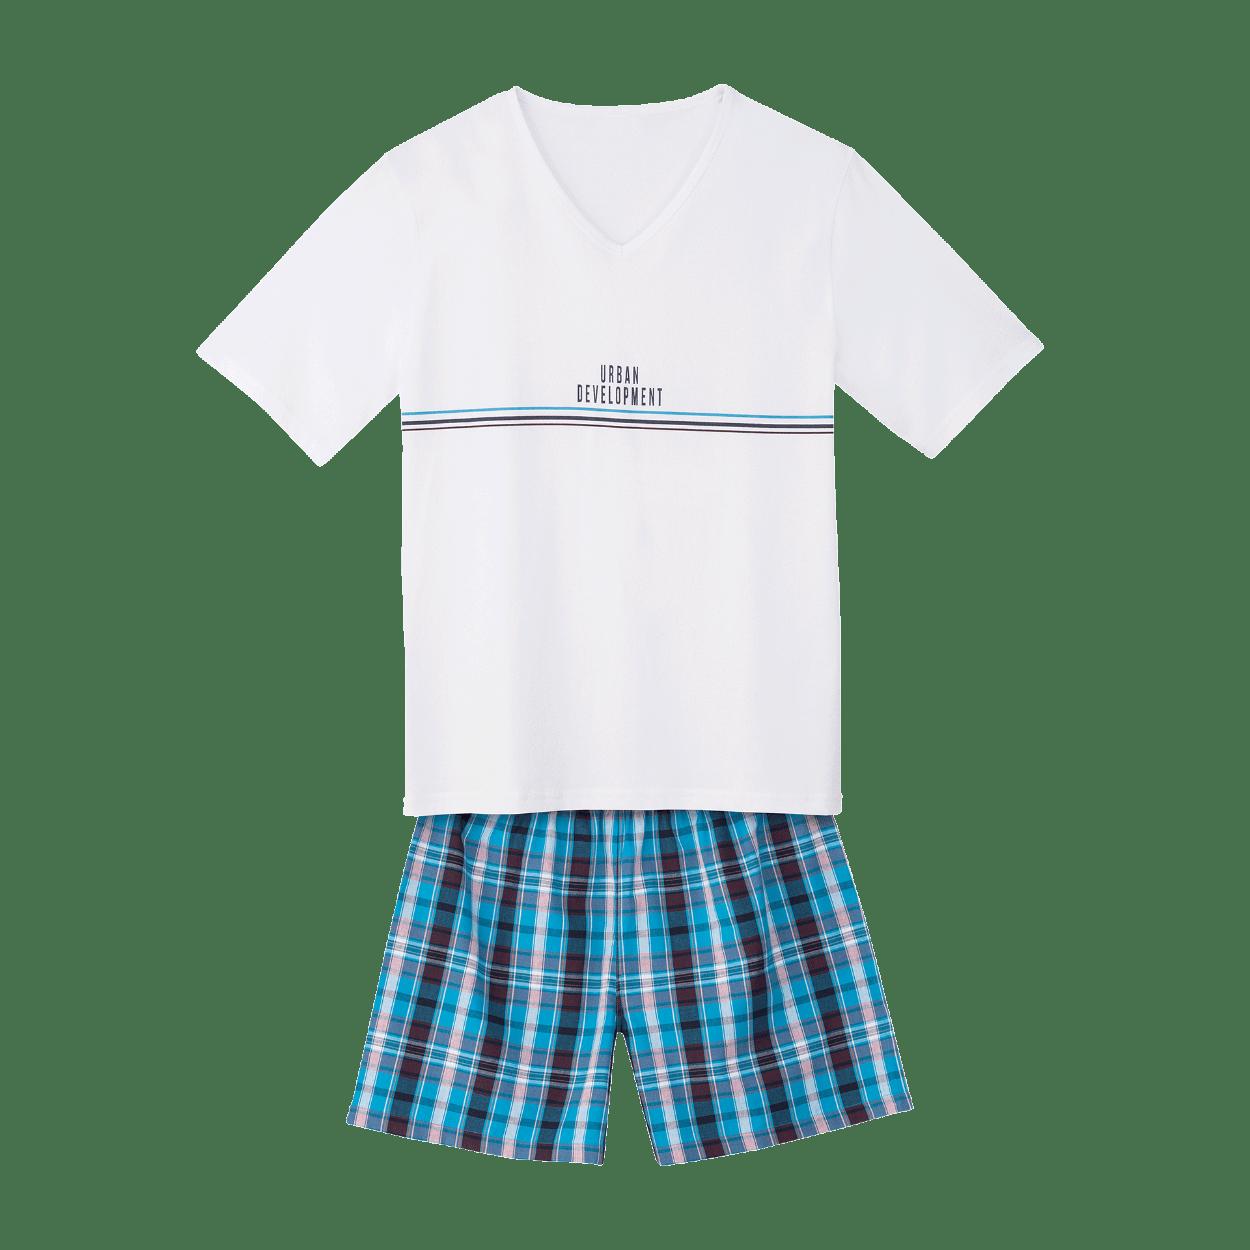 Piżama męska z bawełny BIO niska cena w ALDI